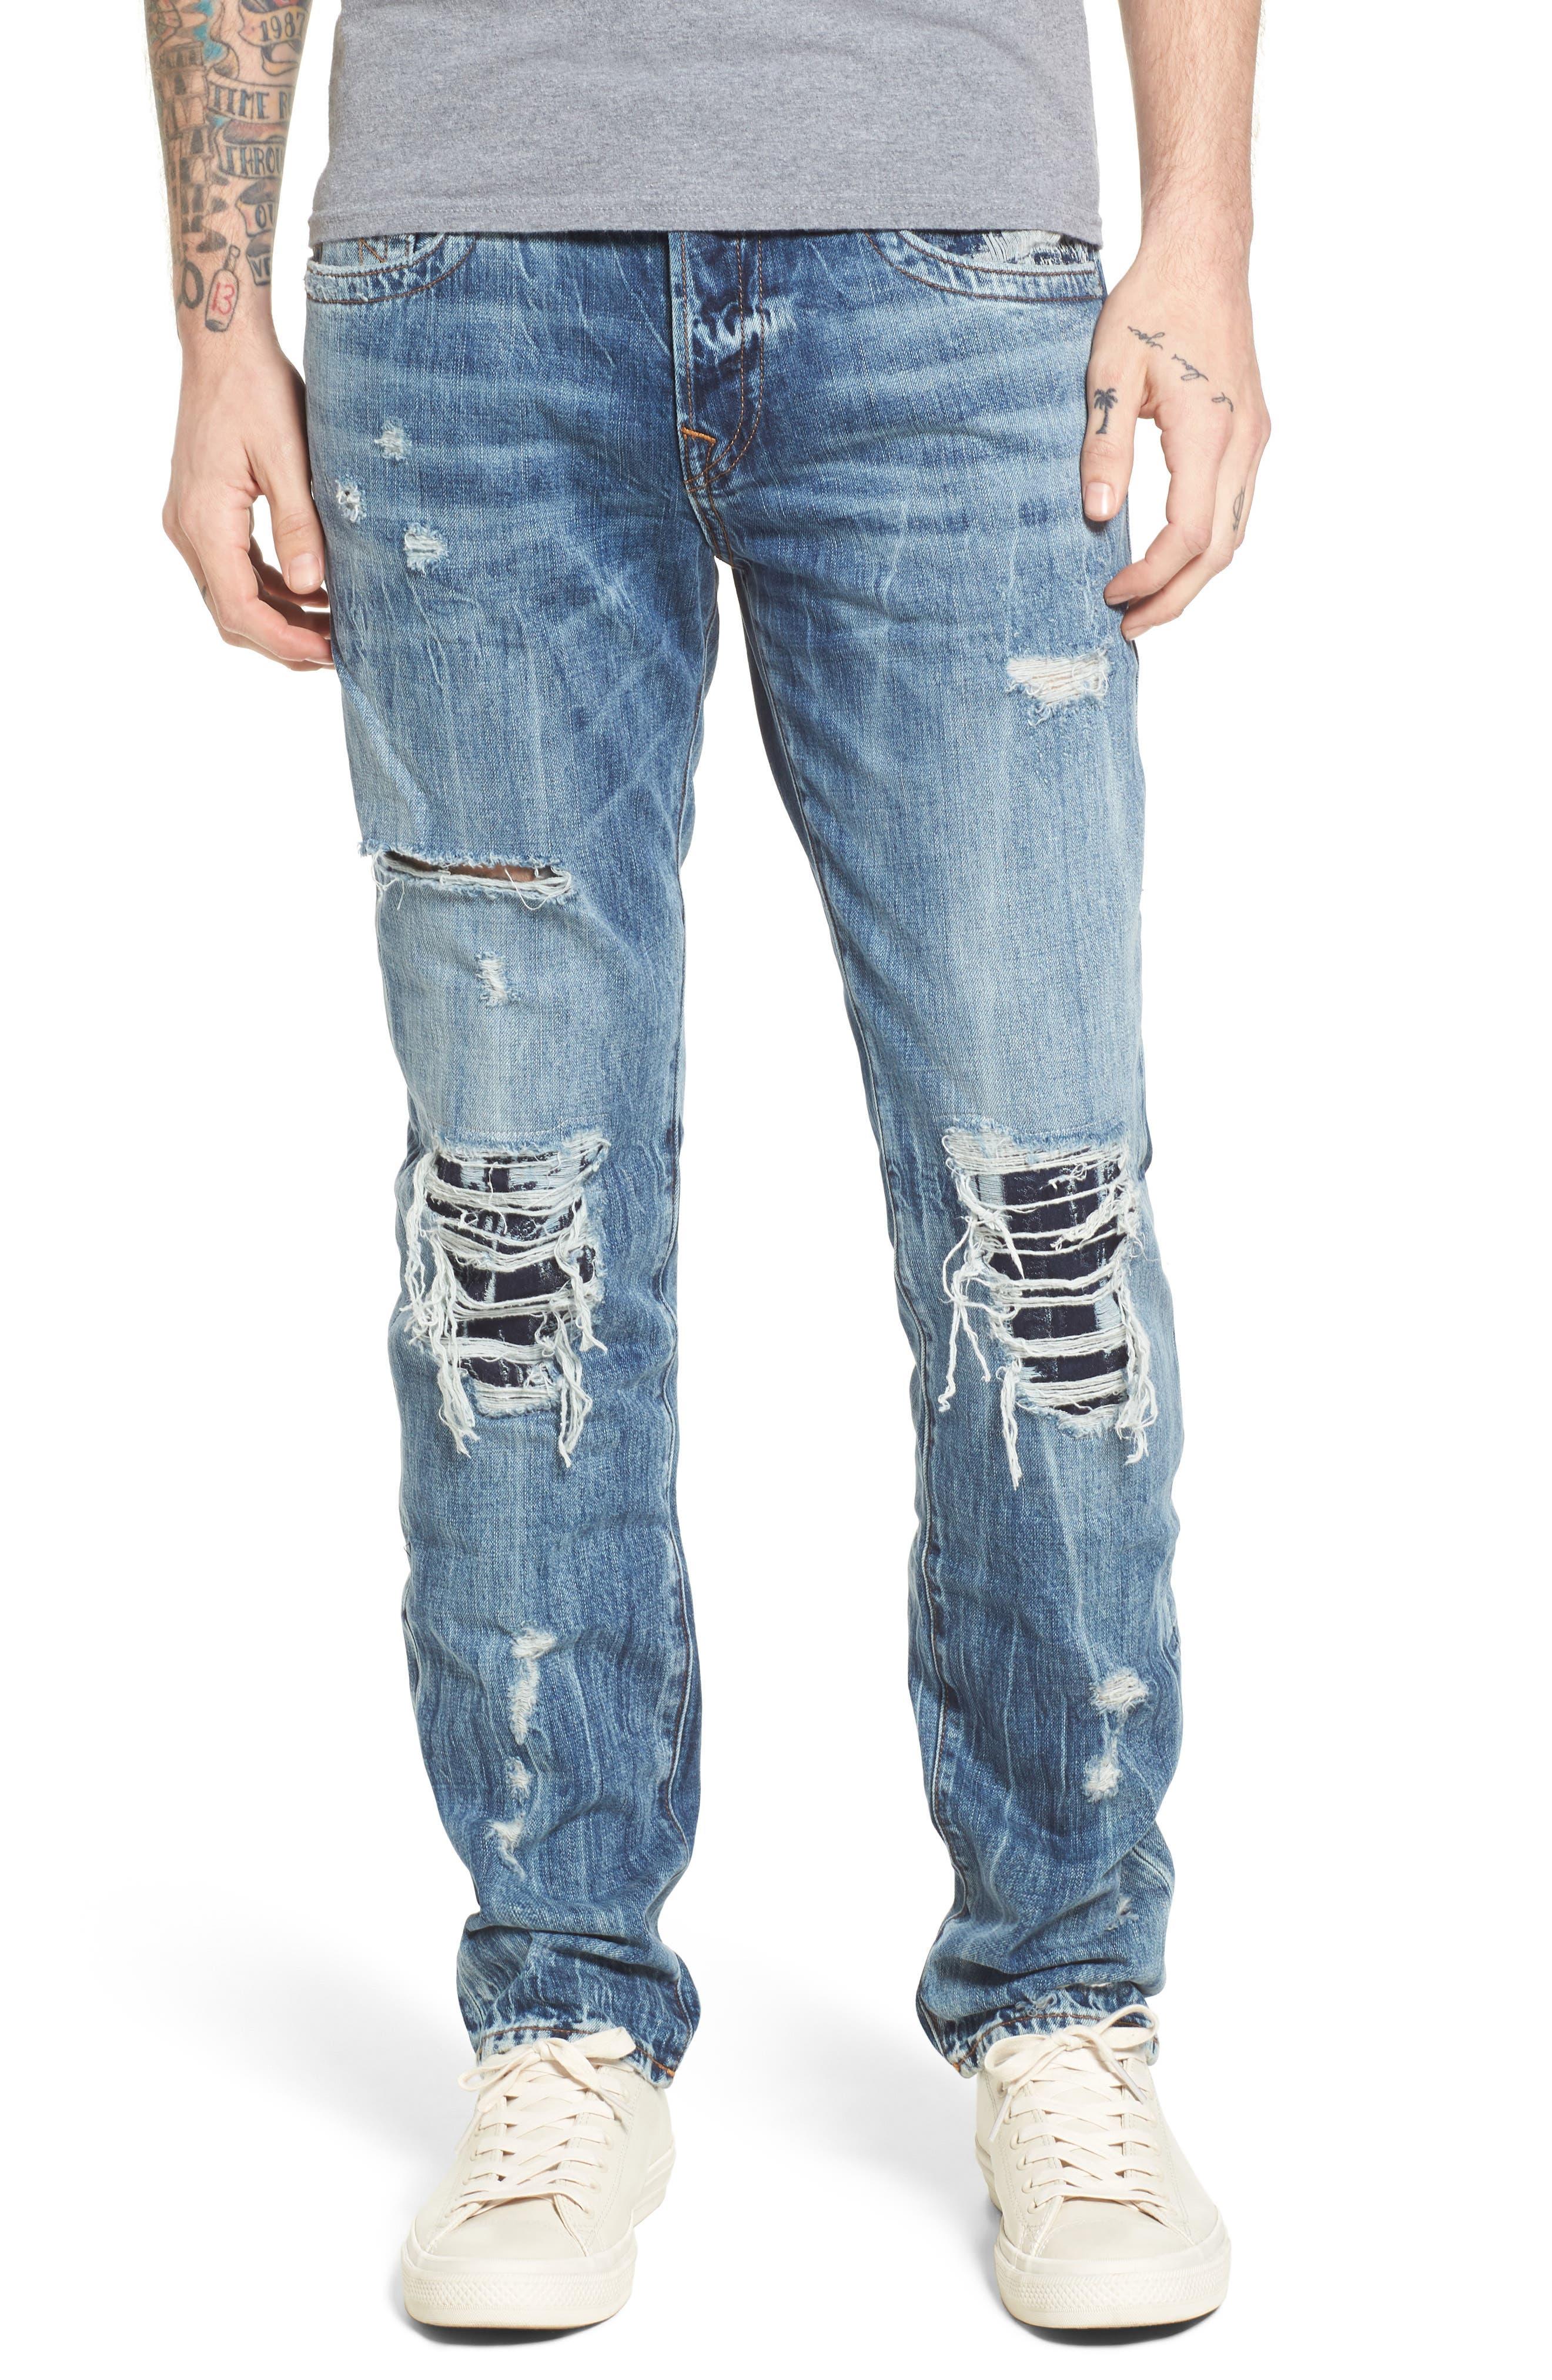 True Religion Brand Jeans Rocco Skinny Fit Jeans (Indigo Birch)